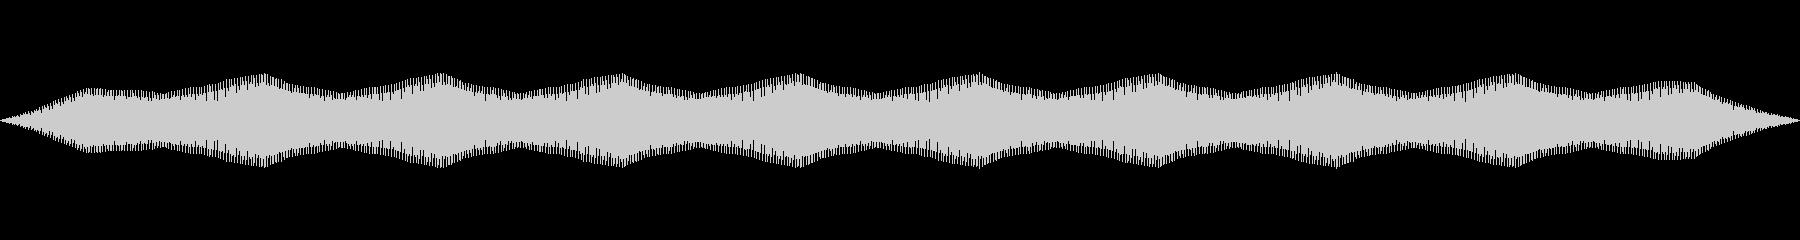 電気パルスバズノイズの未再生の波形